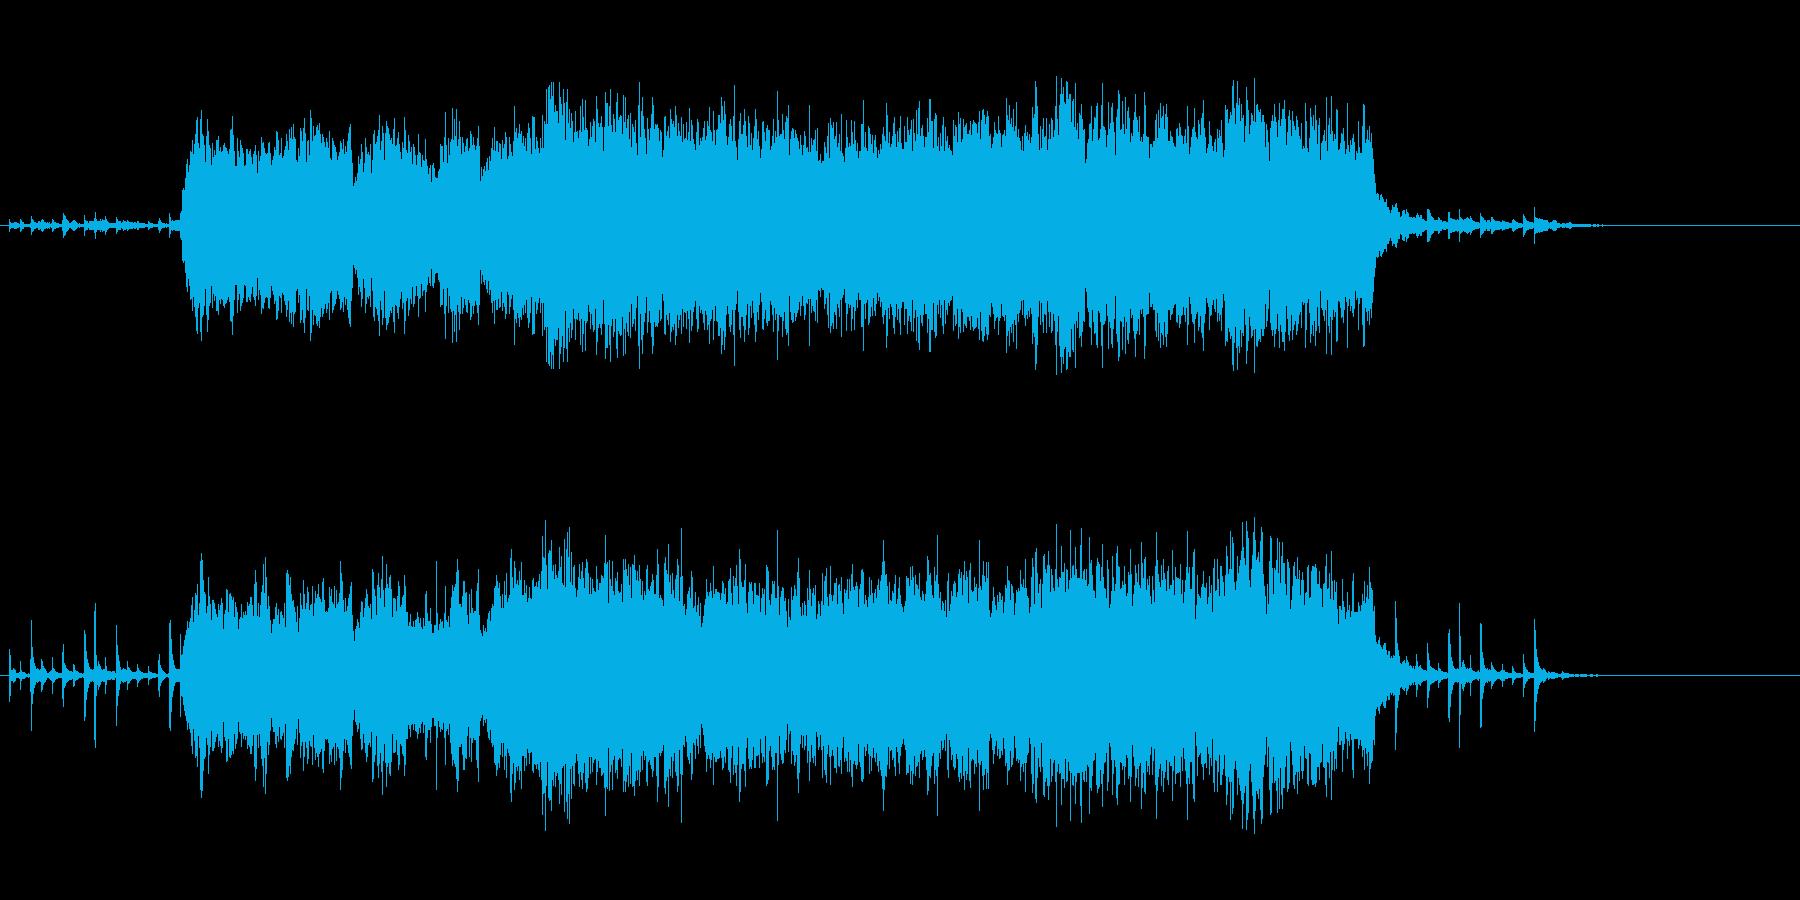 和風の幻想的なオーケストラの再生済みの波形